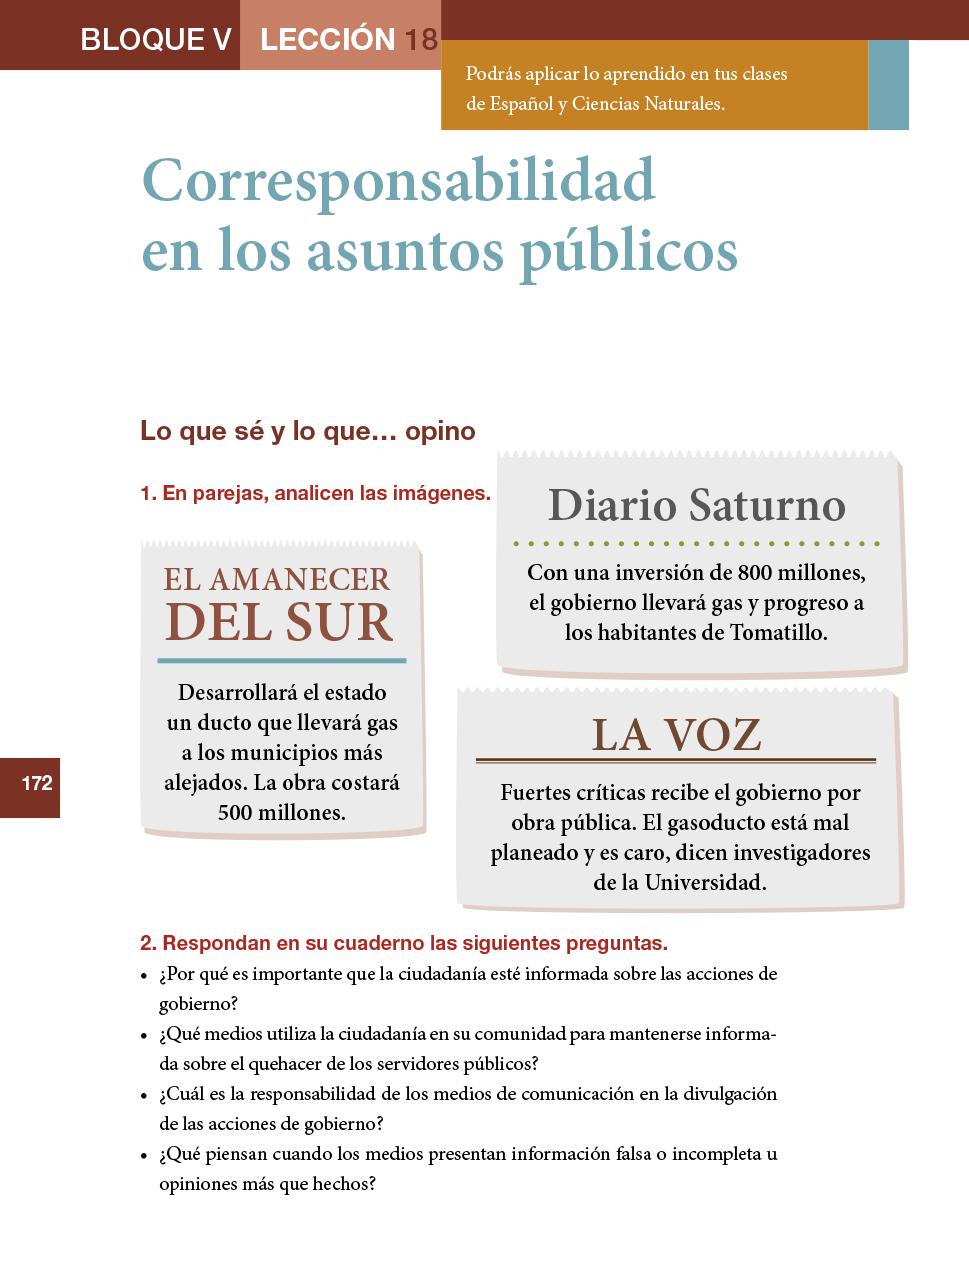 Formacion Civica Y Etica Sexto Grado 2017 2018 Pagina 172 De 210 Libros De Texto Online